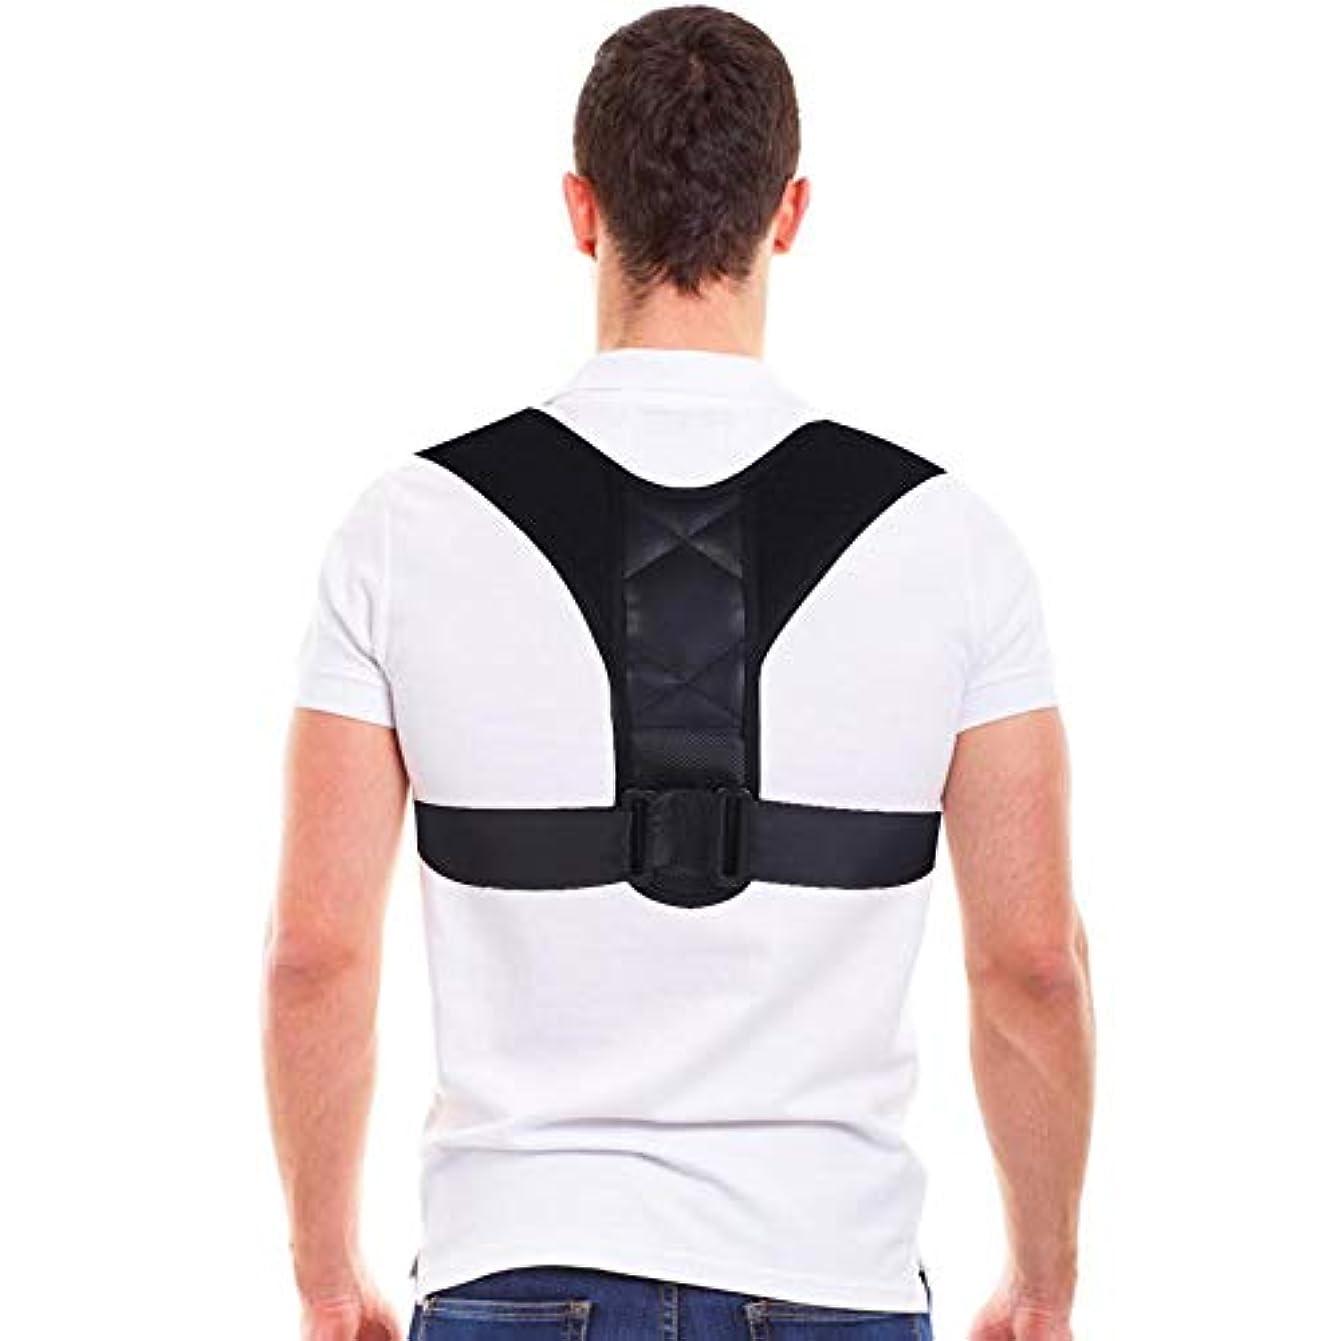 雑種放課後いちゃつくコレクター姿勢バックサポートベルト、8字型デザインの調節可能な鎖骨装具バンド、男性と女性の姿勢、腰痛予防、腰痛予防